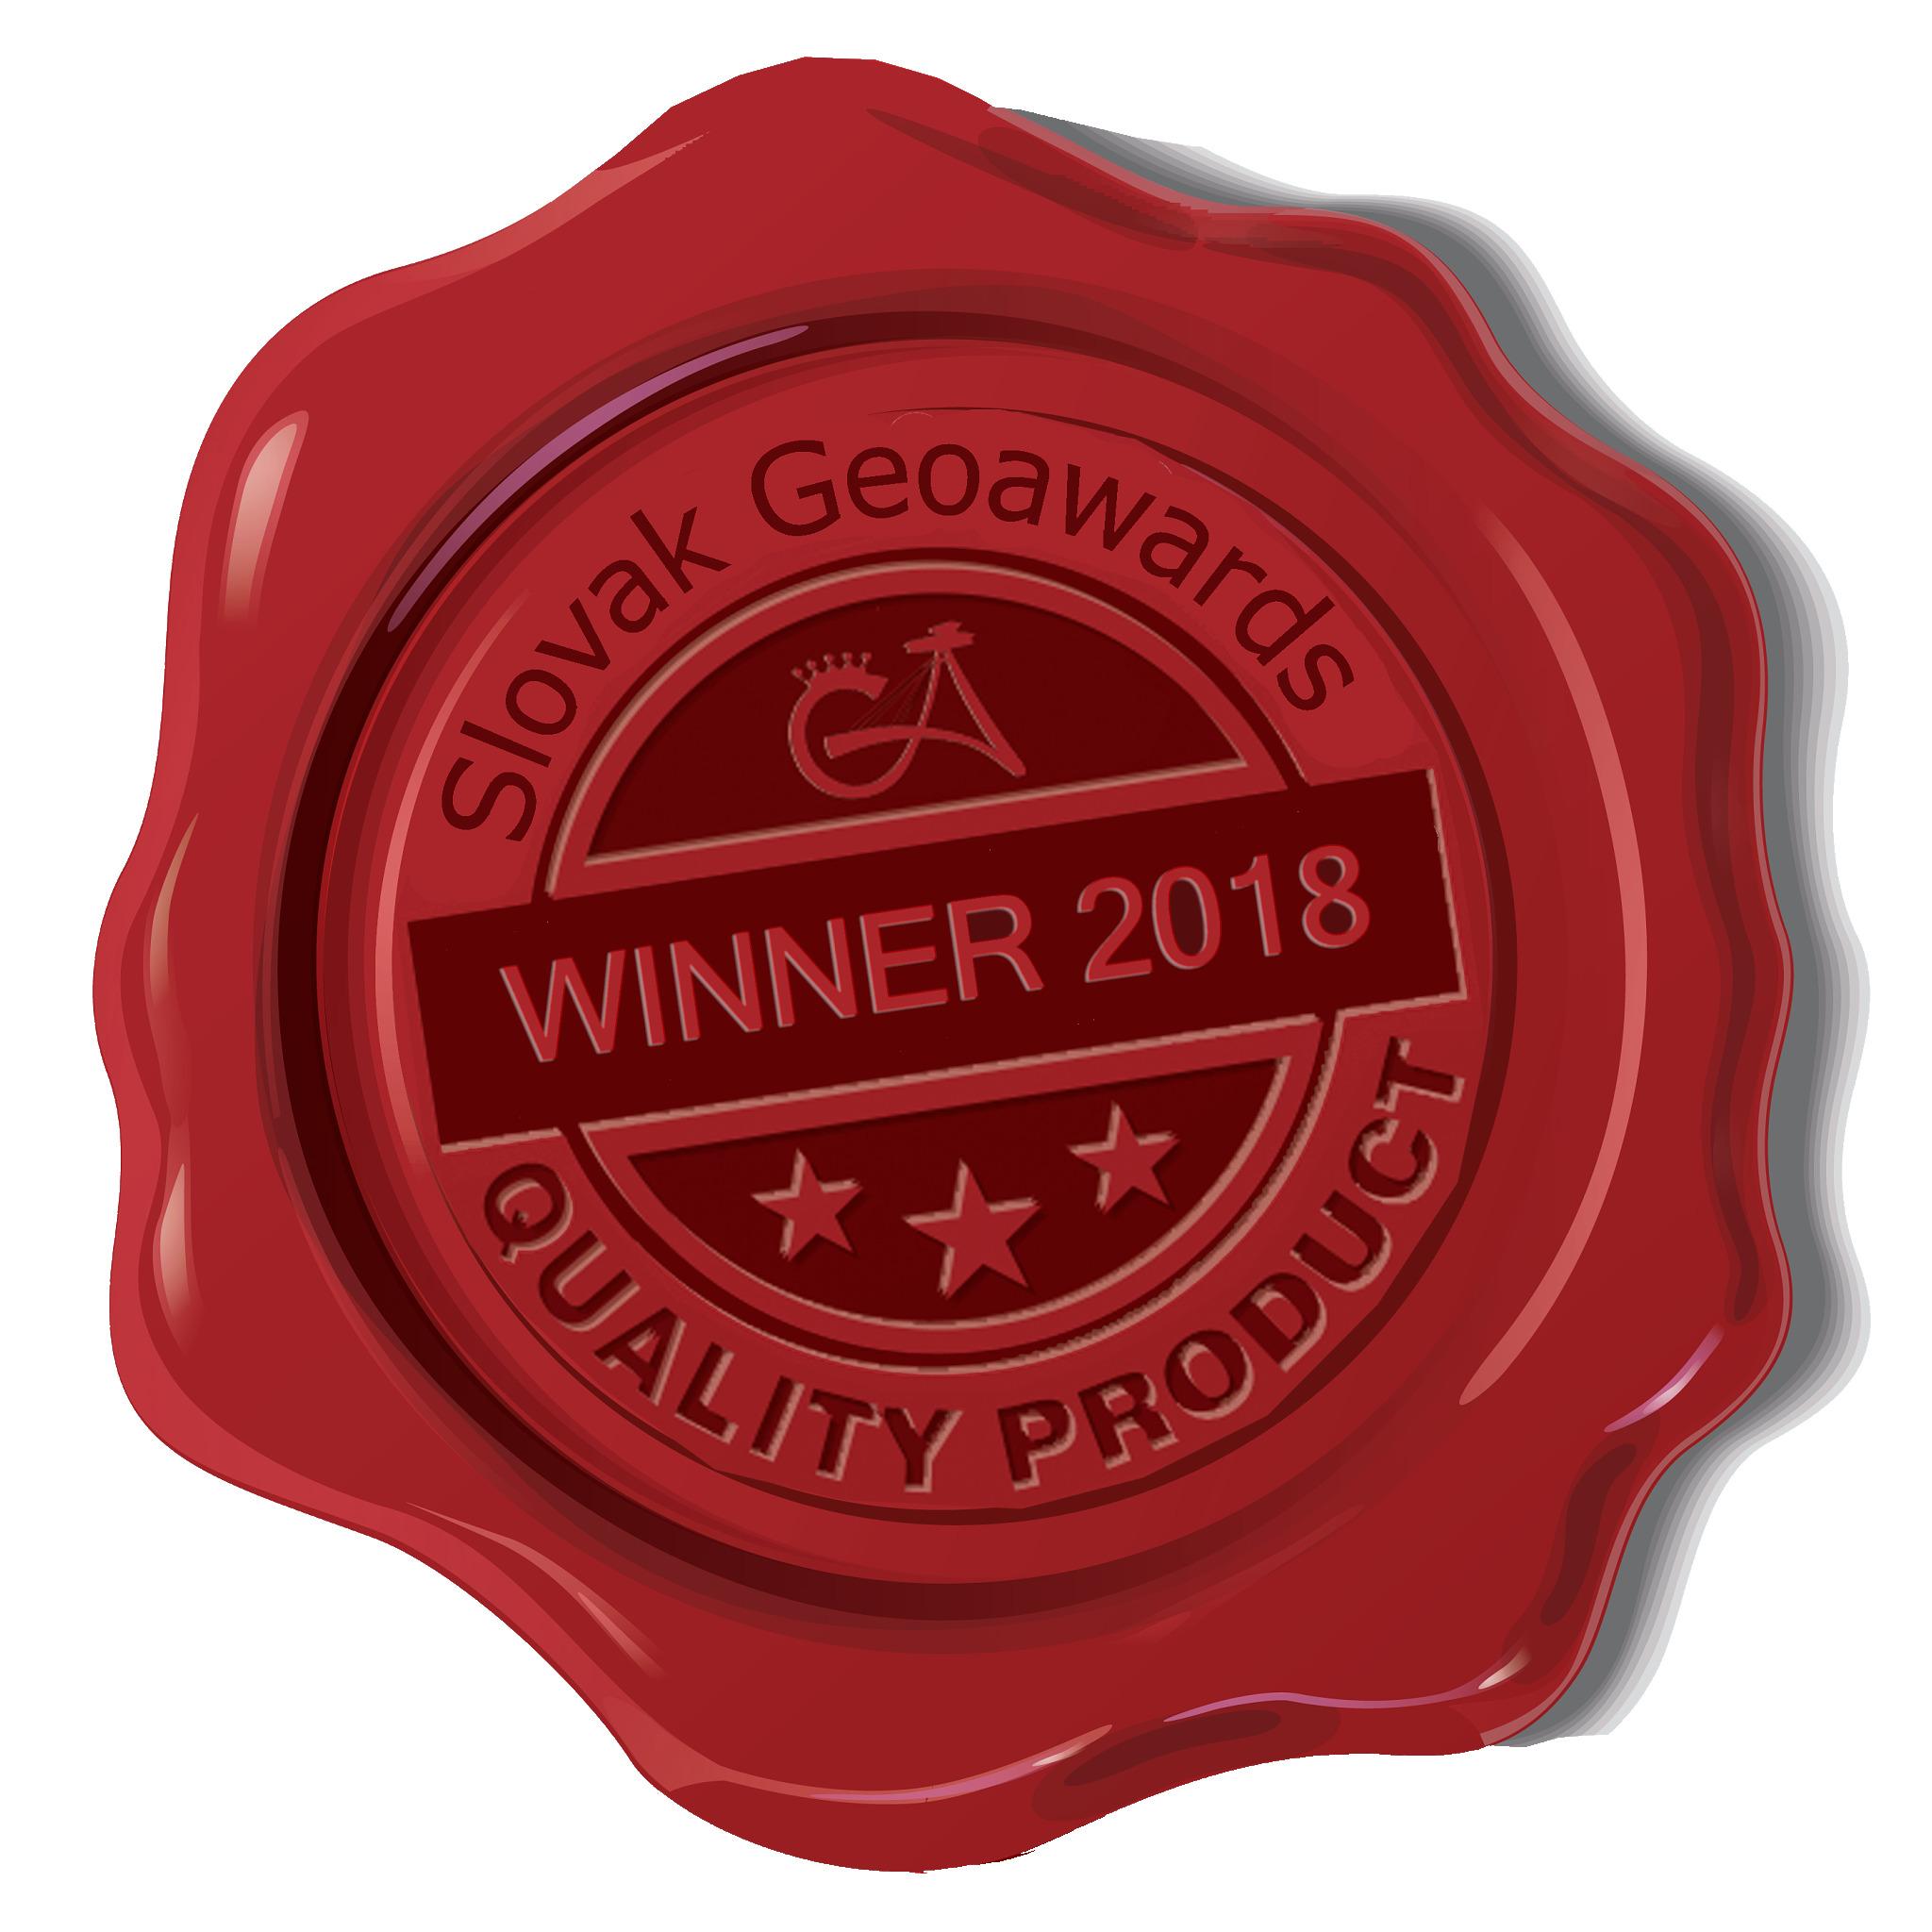 GA 2018 Winner